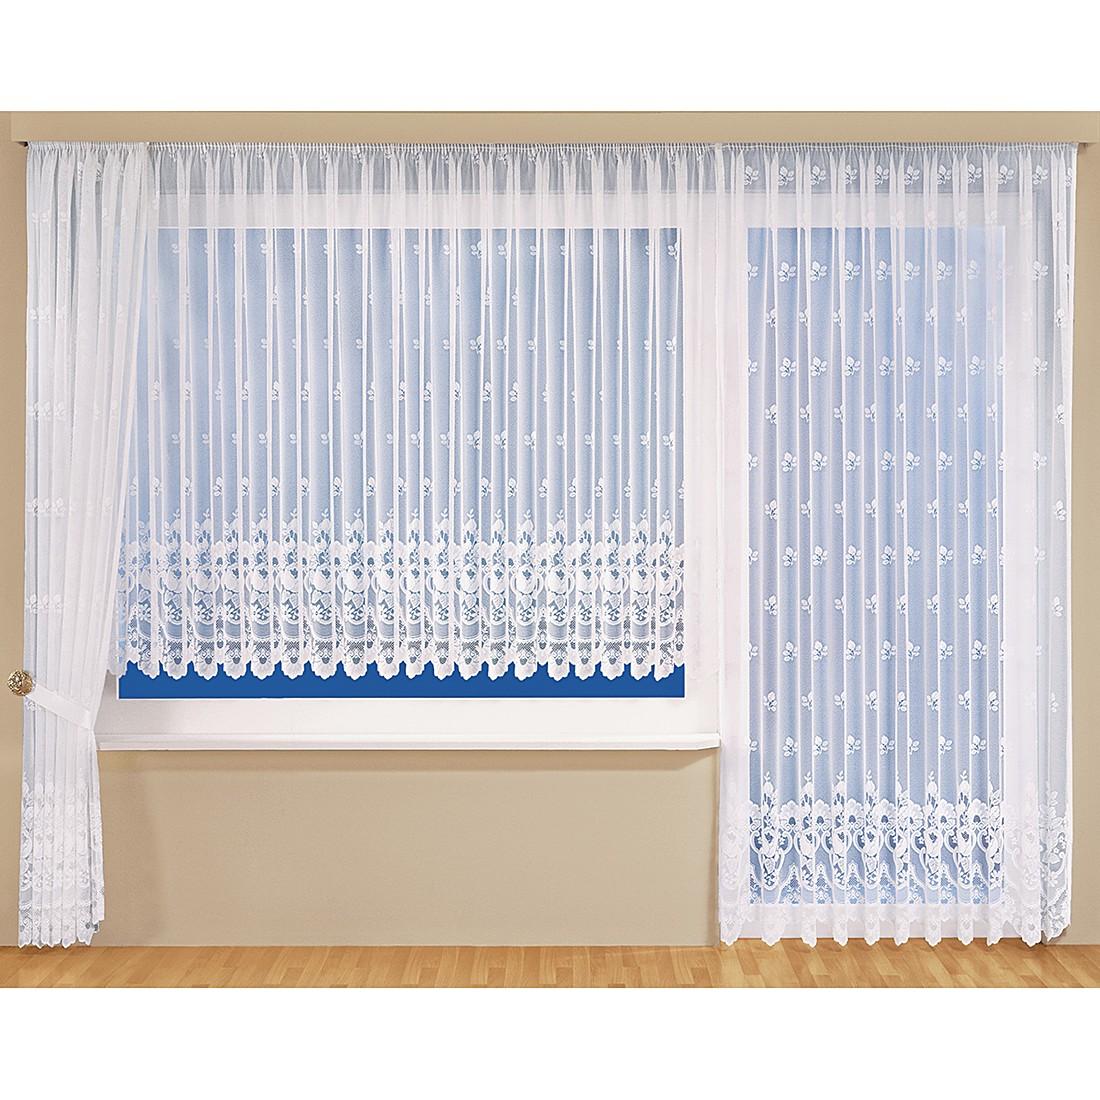 Store Manja – Weiß – 600 x 118 cm, Home24Deko günstig online kaufen